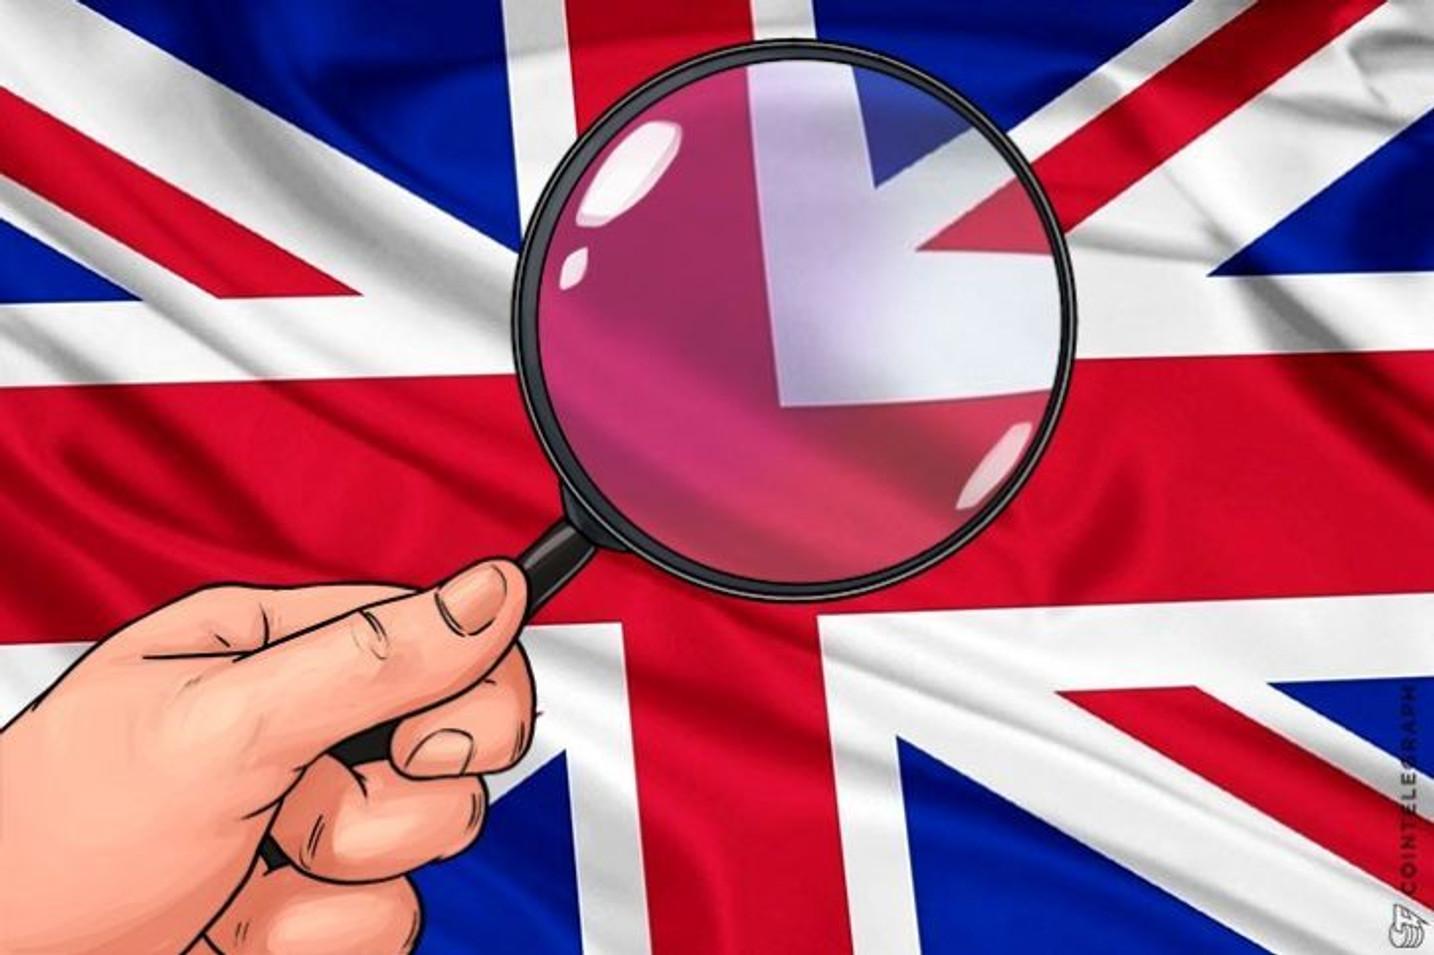 El ex jefe de MI5: No debiliten el muy positivo cifrado